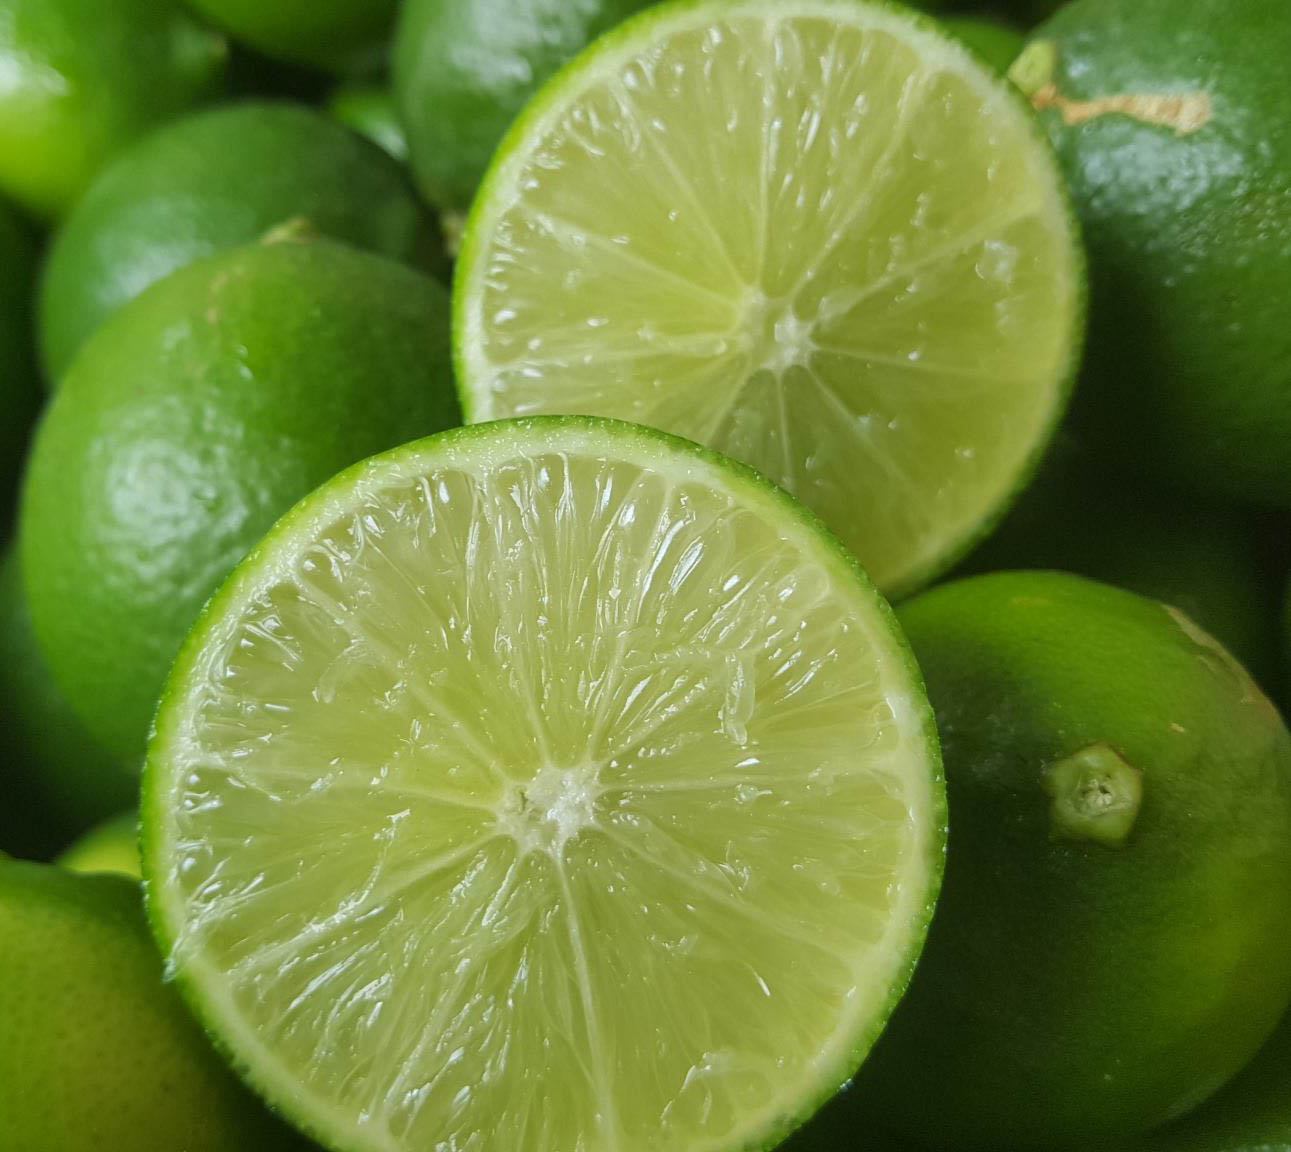 【無籽檸檬-5台斤/箱-1箱/組】安全水果,預訂,3天出貨,楊家枇杷果園產地直送-27163